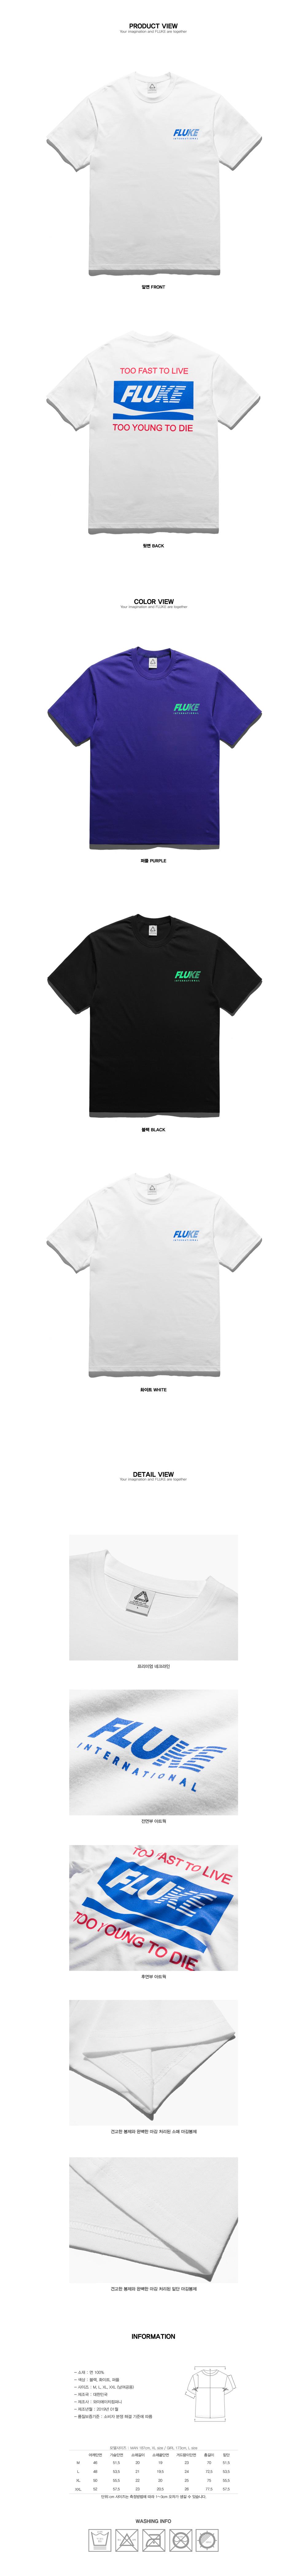 [플루크] 트라이얼 반팔티셔츠 FST108 / 3color